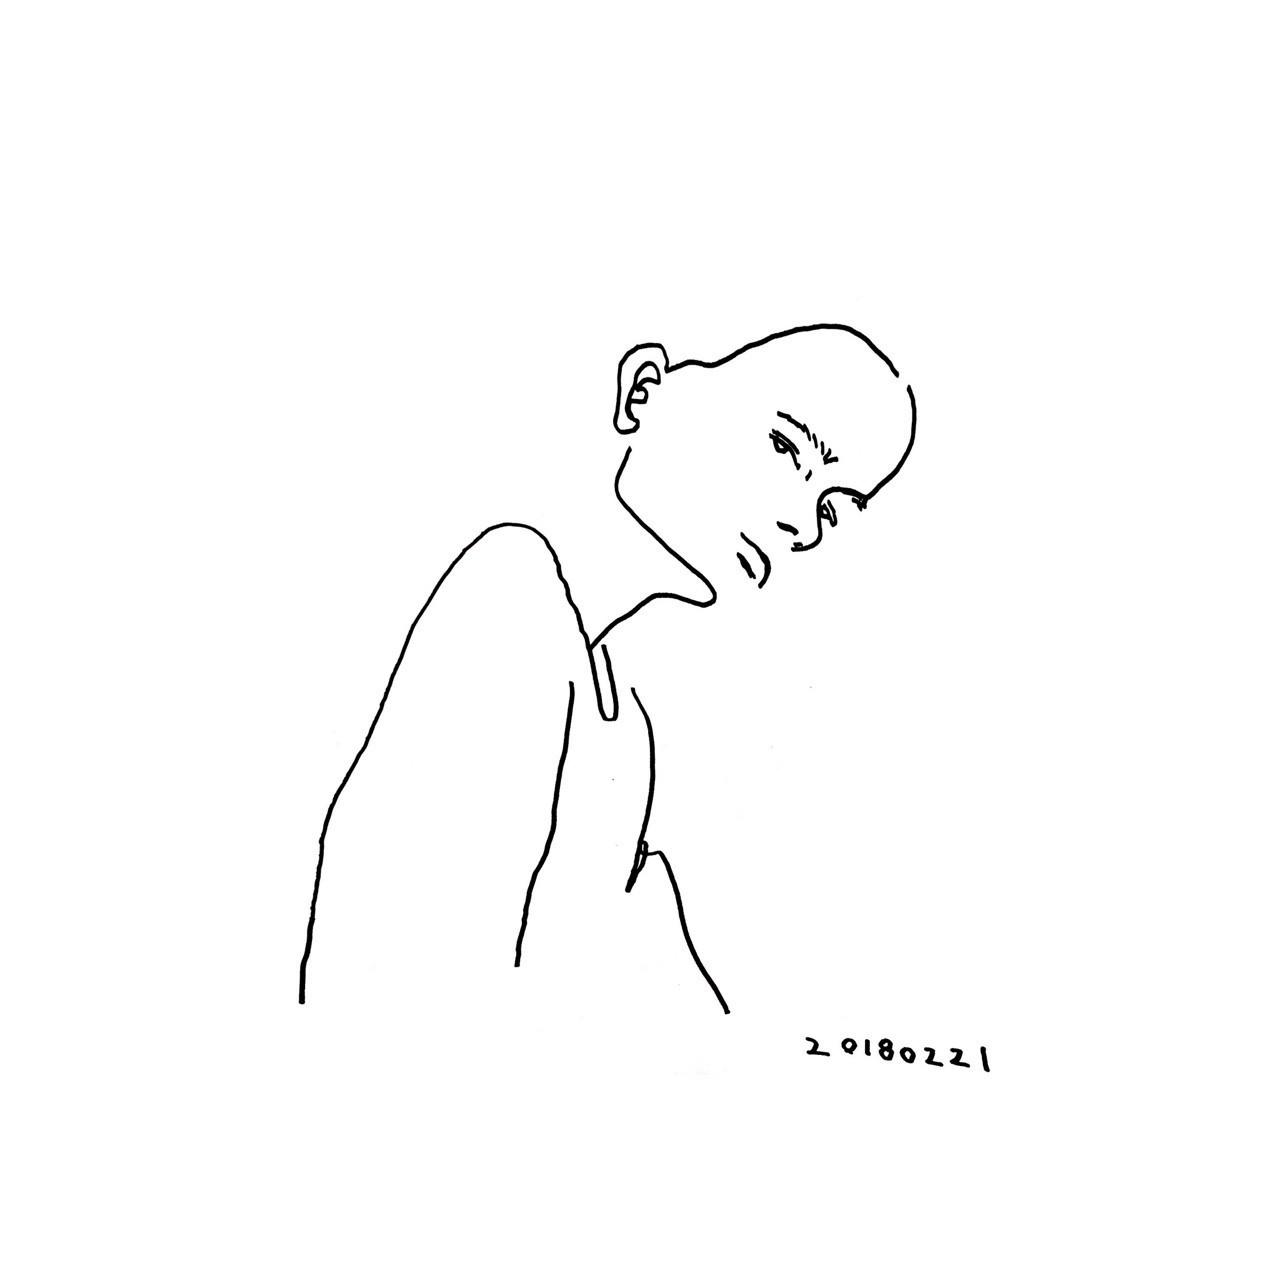 20180221 今日のドローイング #illust #illustration #croquis #doodle #drawing #kawaii #cool #fashion #ennui #アンニュイ #イラスト #ファッション #クロッキー #ドローイング